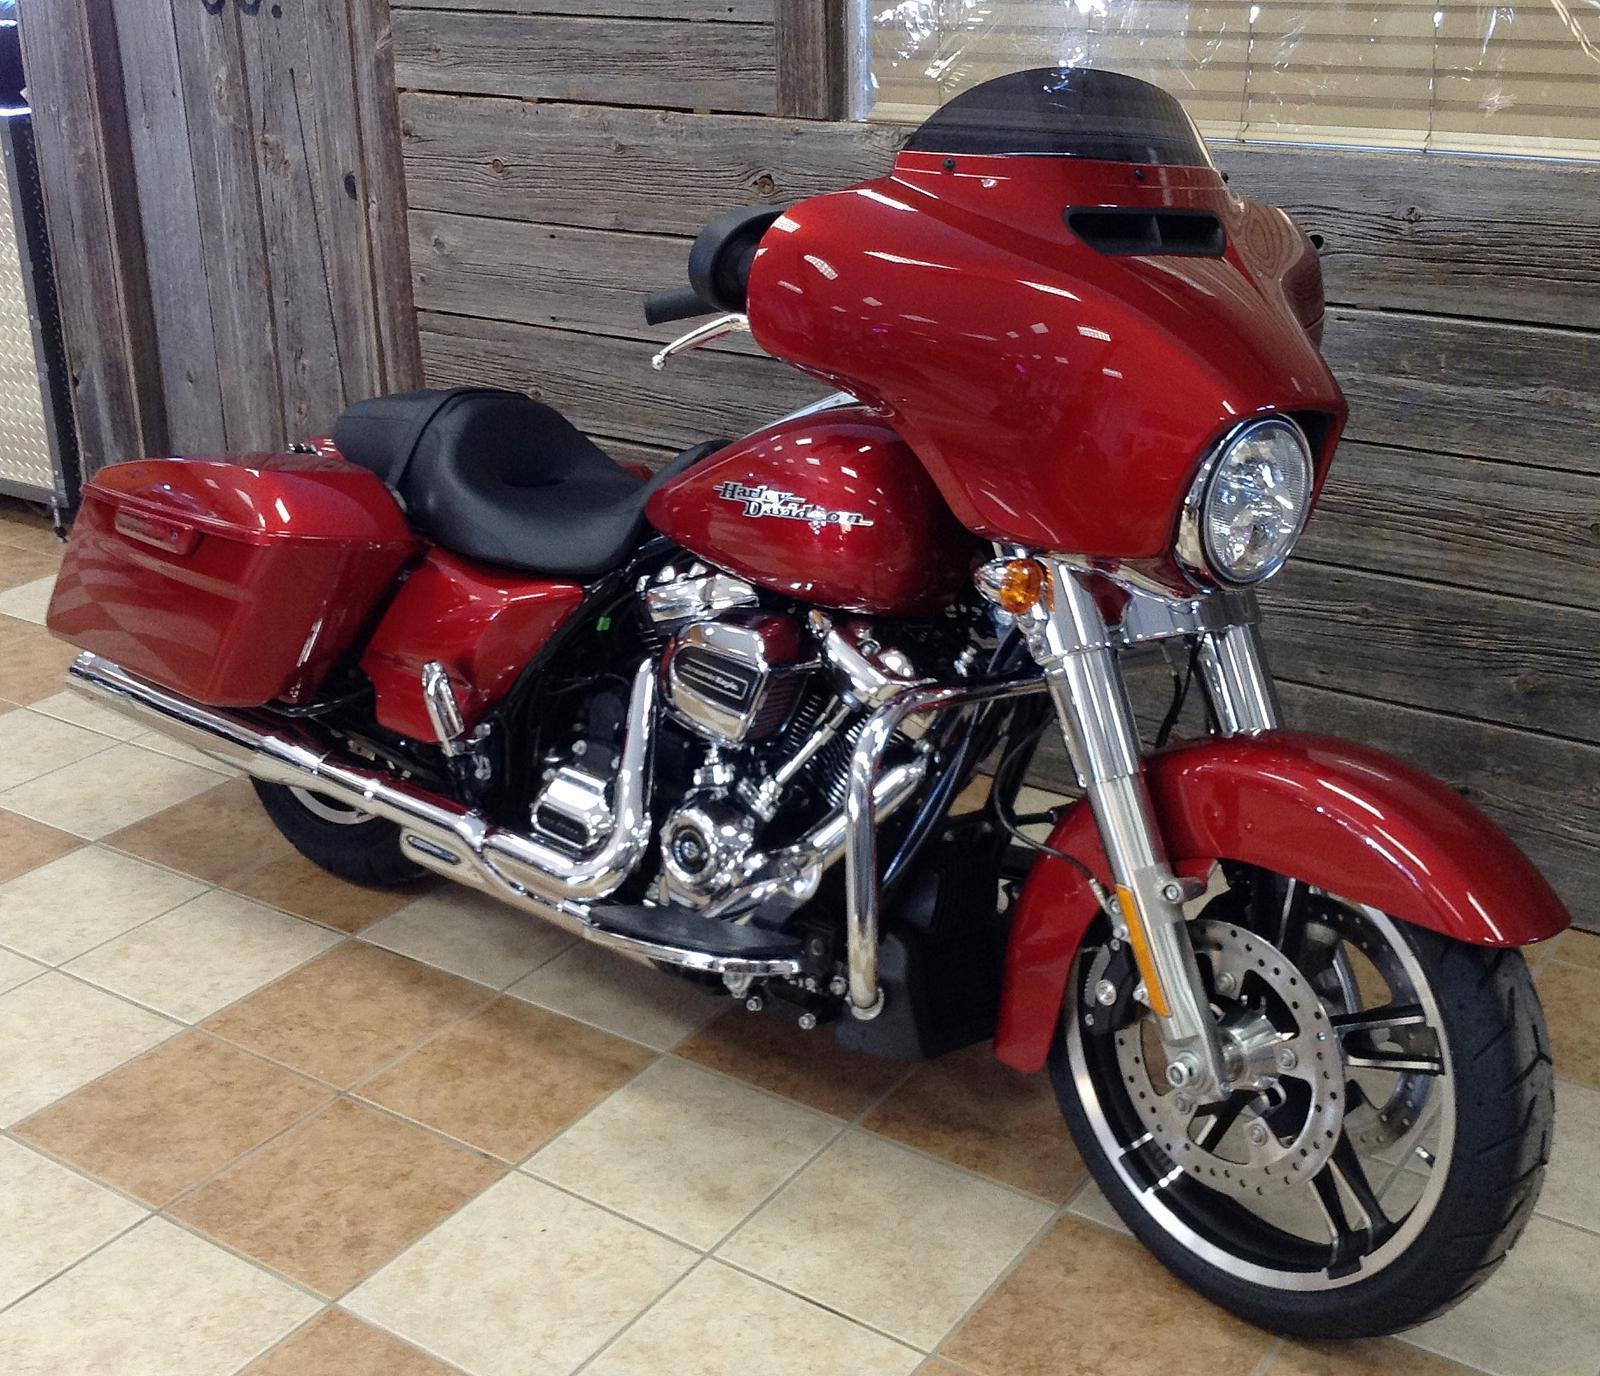 2019 Harley-Davidson® Street Glide® - Color Option w